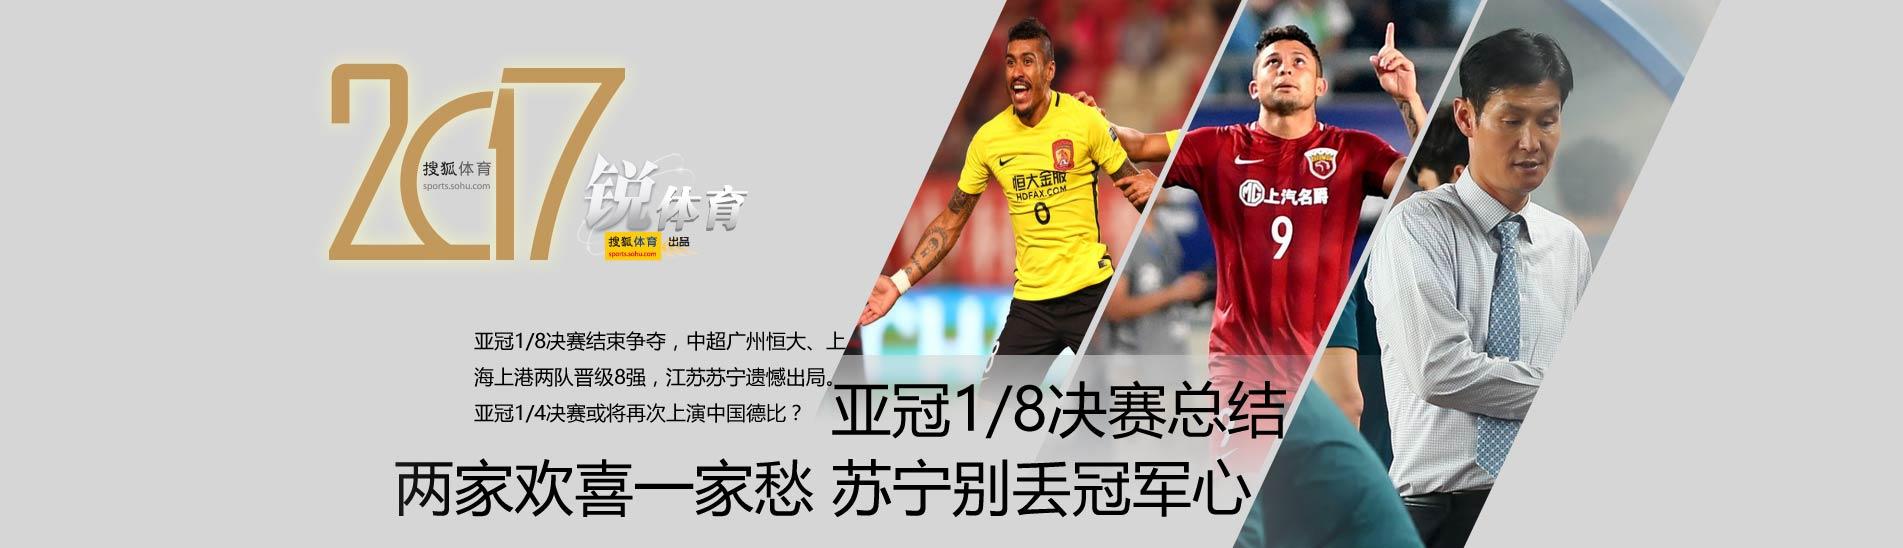 锐体育-亚冠1 8决赛总结-搜狐体育